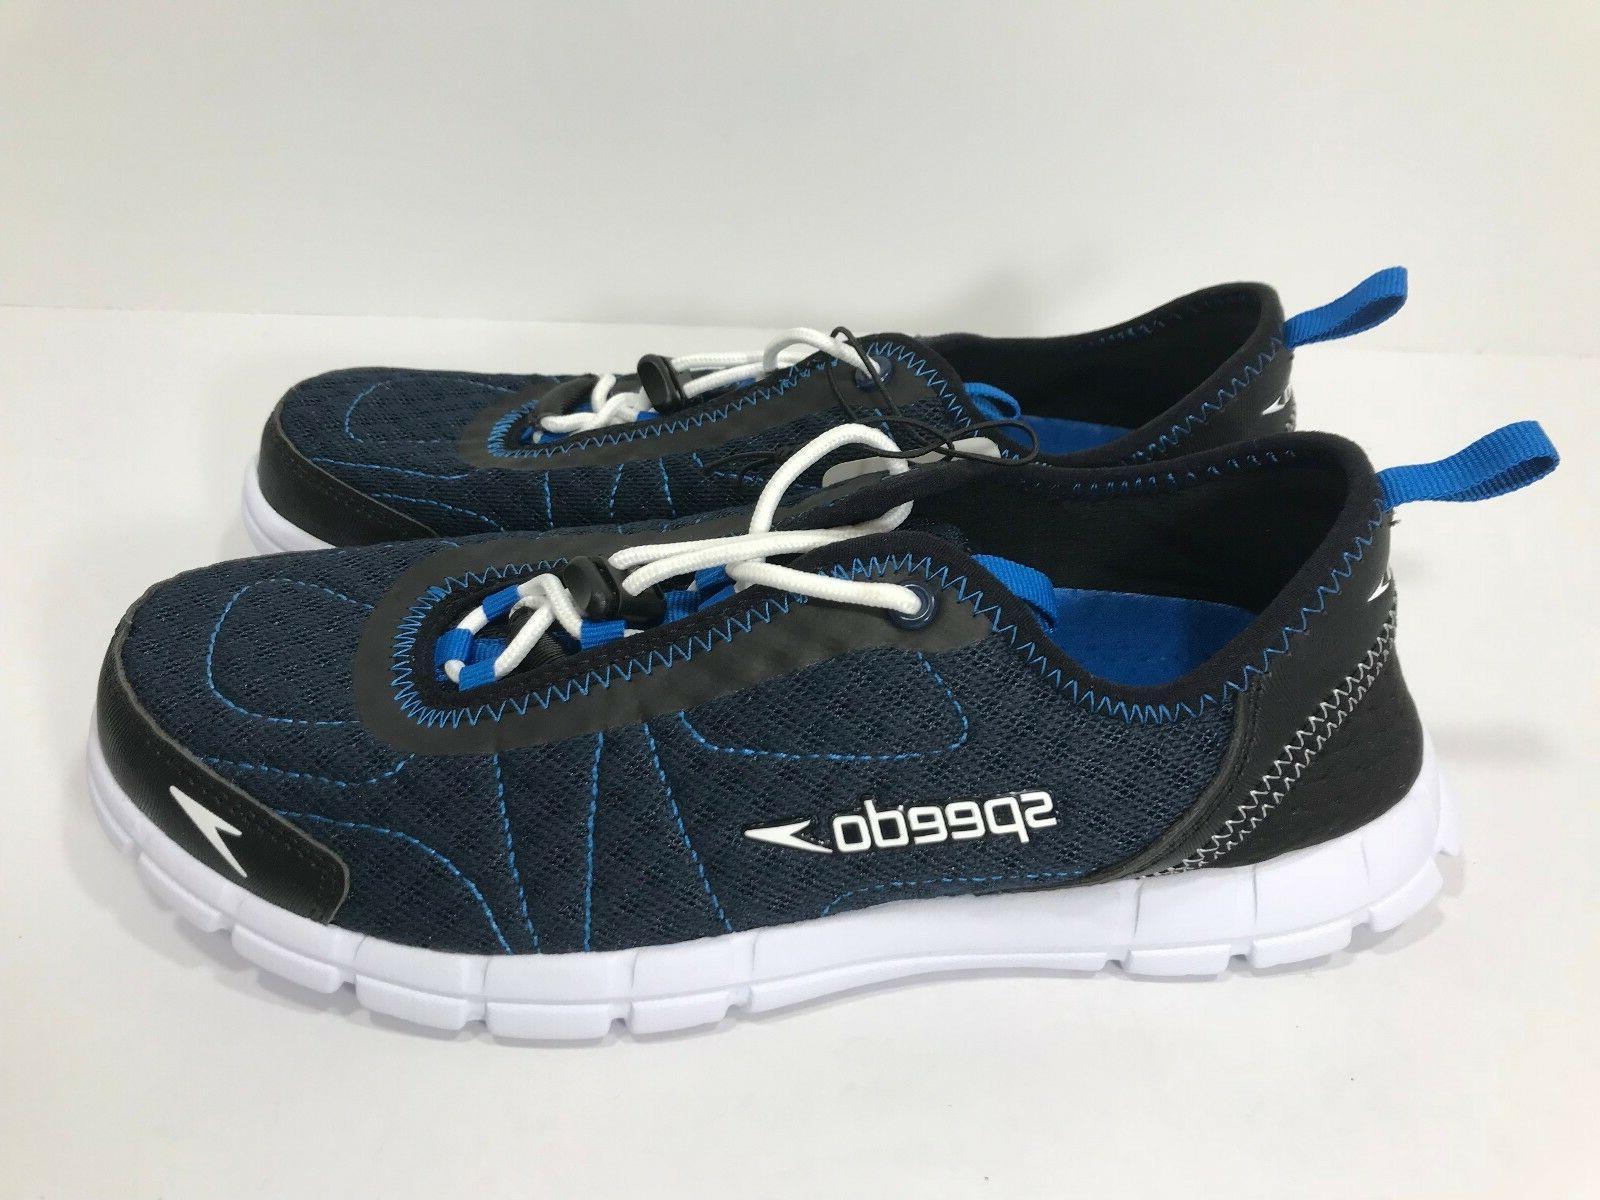 *New* Speedo Hybrid Men's Sizes 9 Black/Blue Shoes